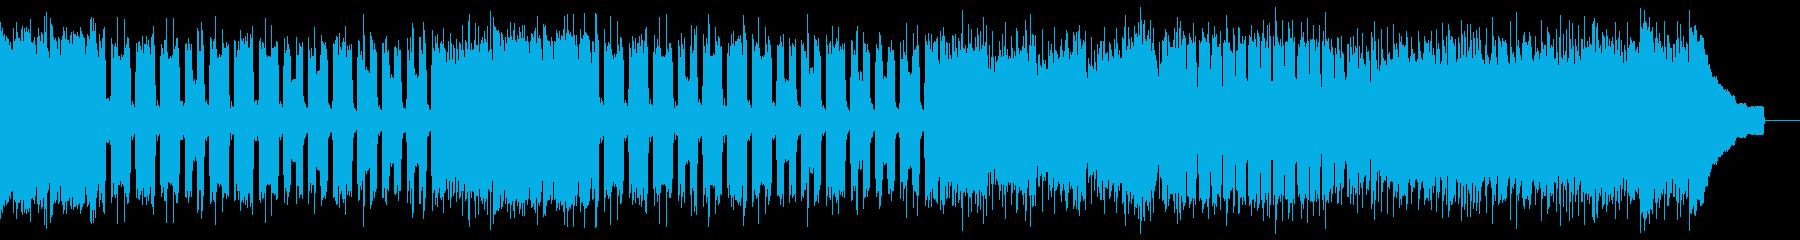 カントリー風ロックギター01Gの再生済みの波形